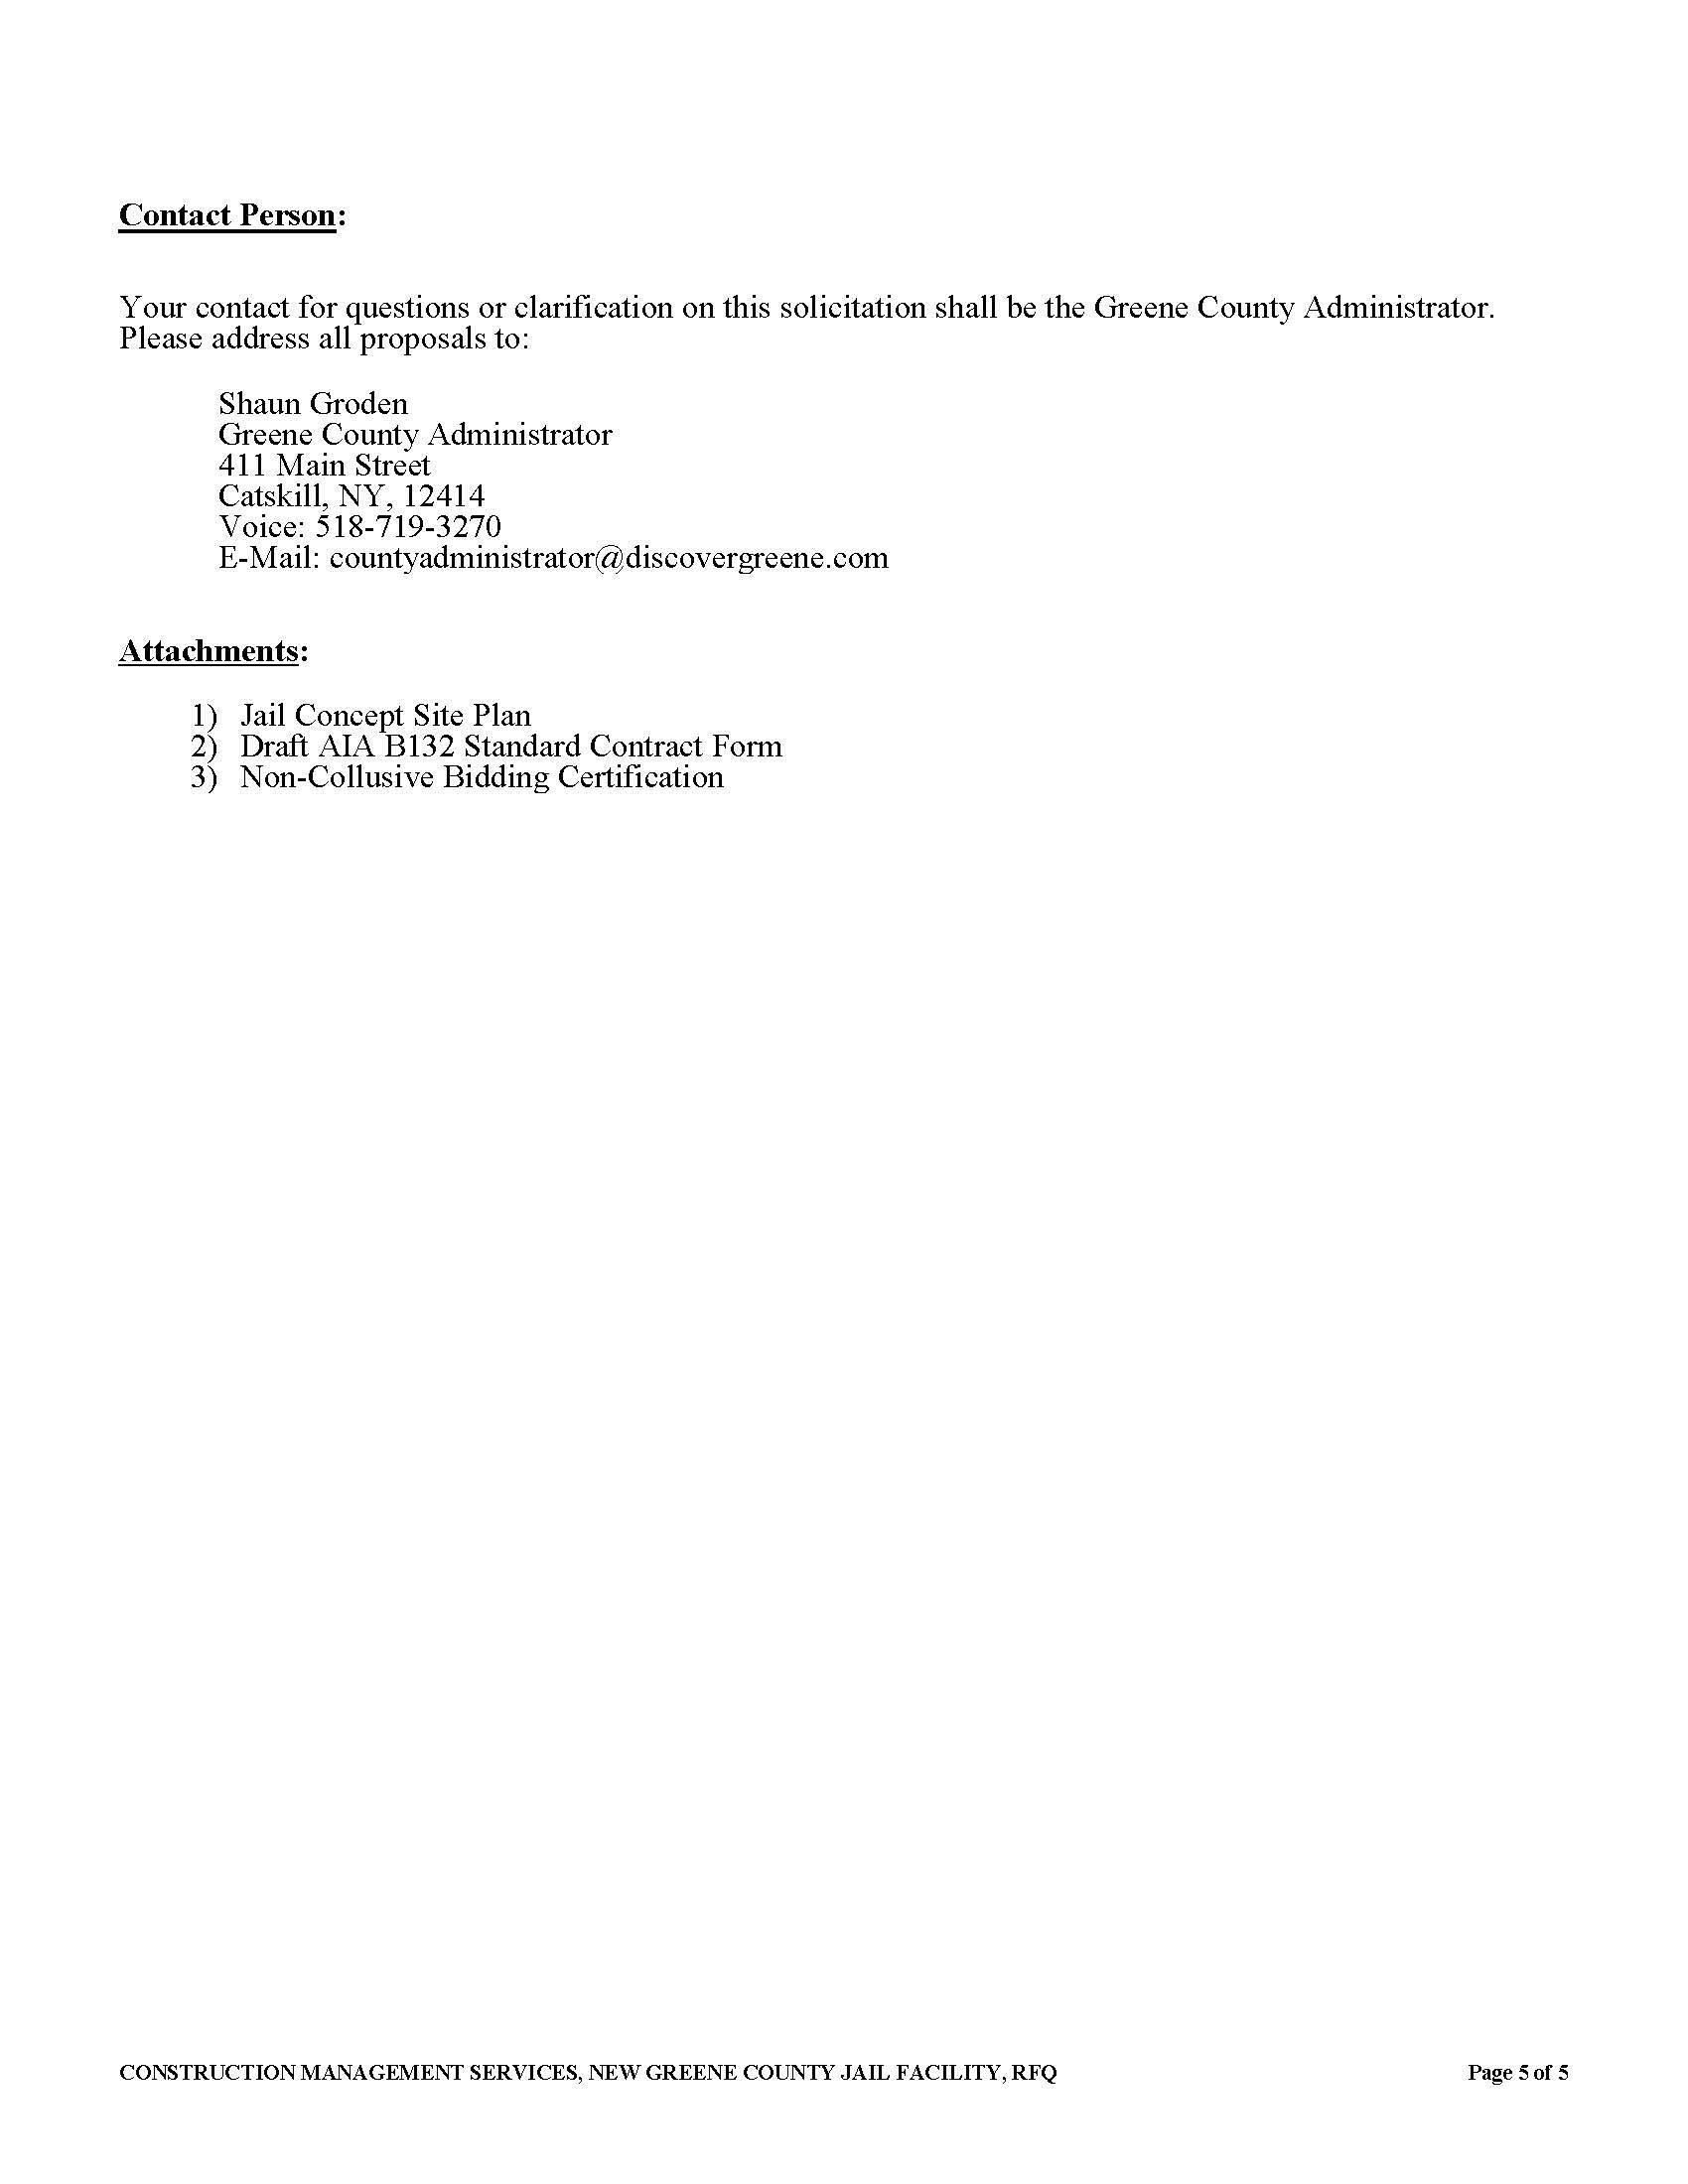 Jail Construction Management Services RFQ_Page_5